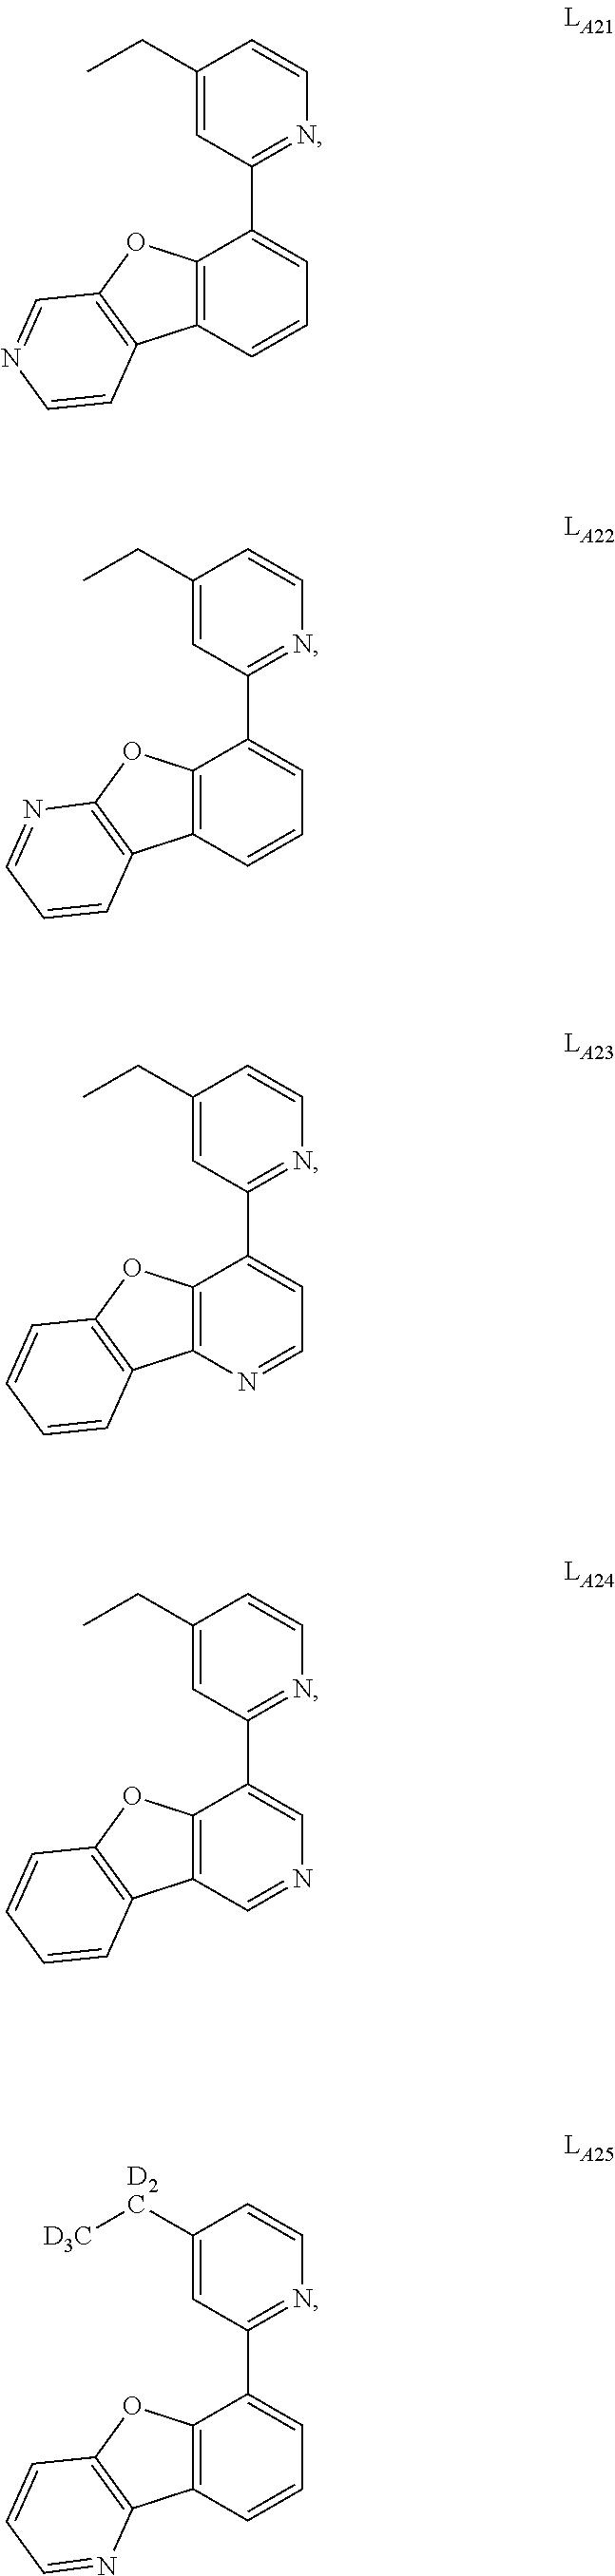 Figure US09634264-20170425-C00053